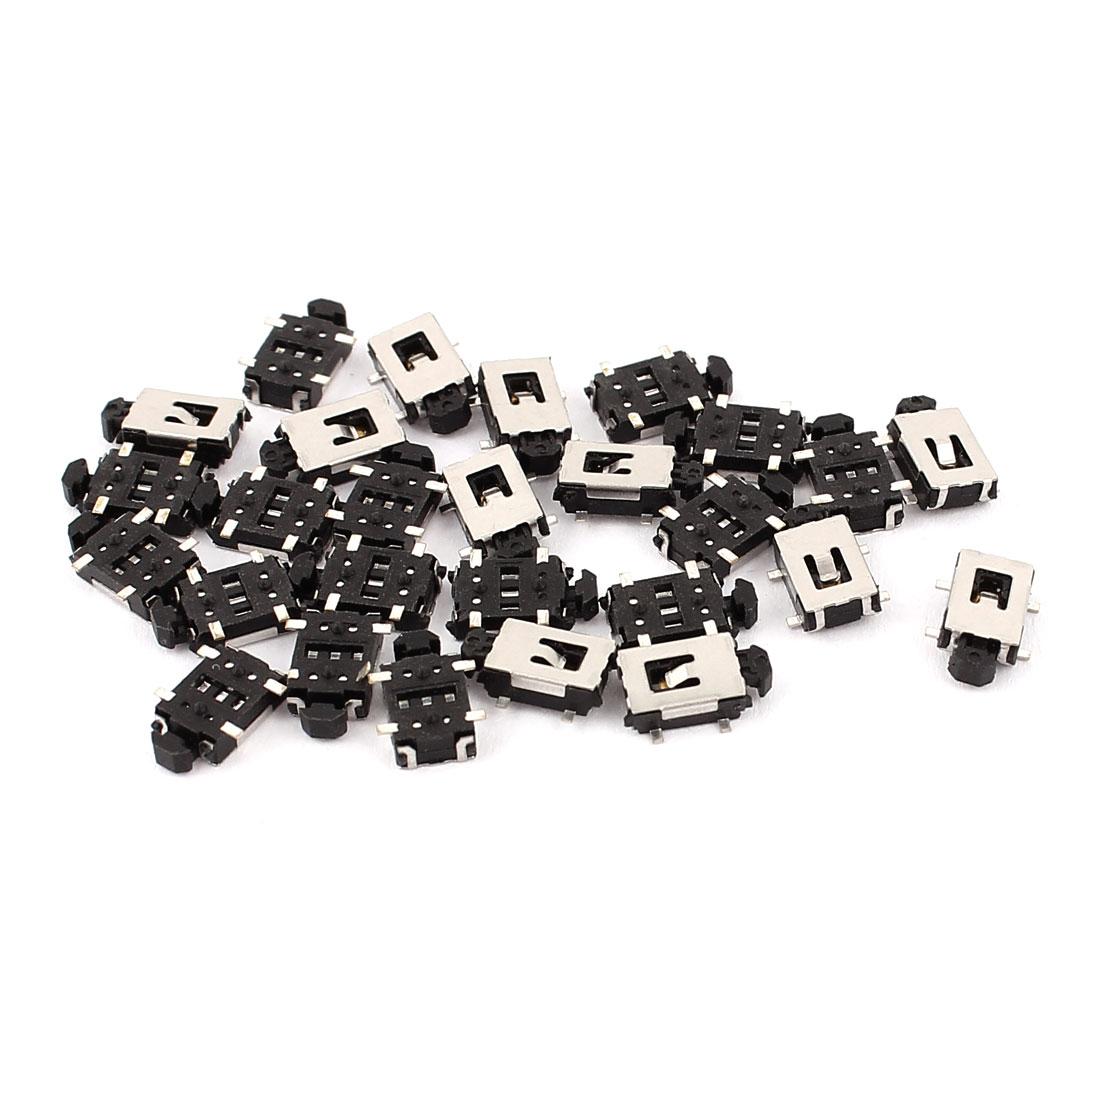 30 Pcs SMD PCB 4pins Momentary Pushbutton Micro Mini Tact Push Switch